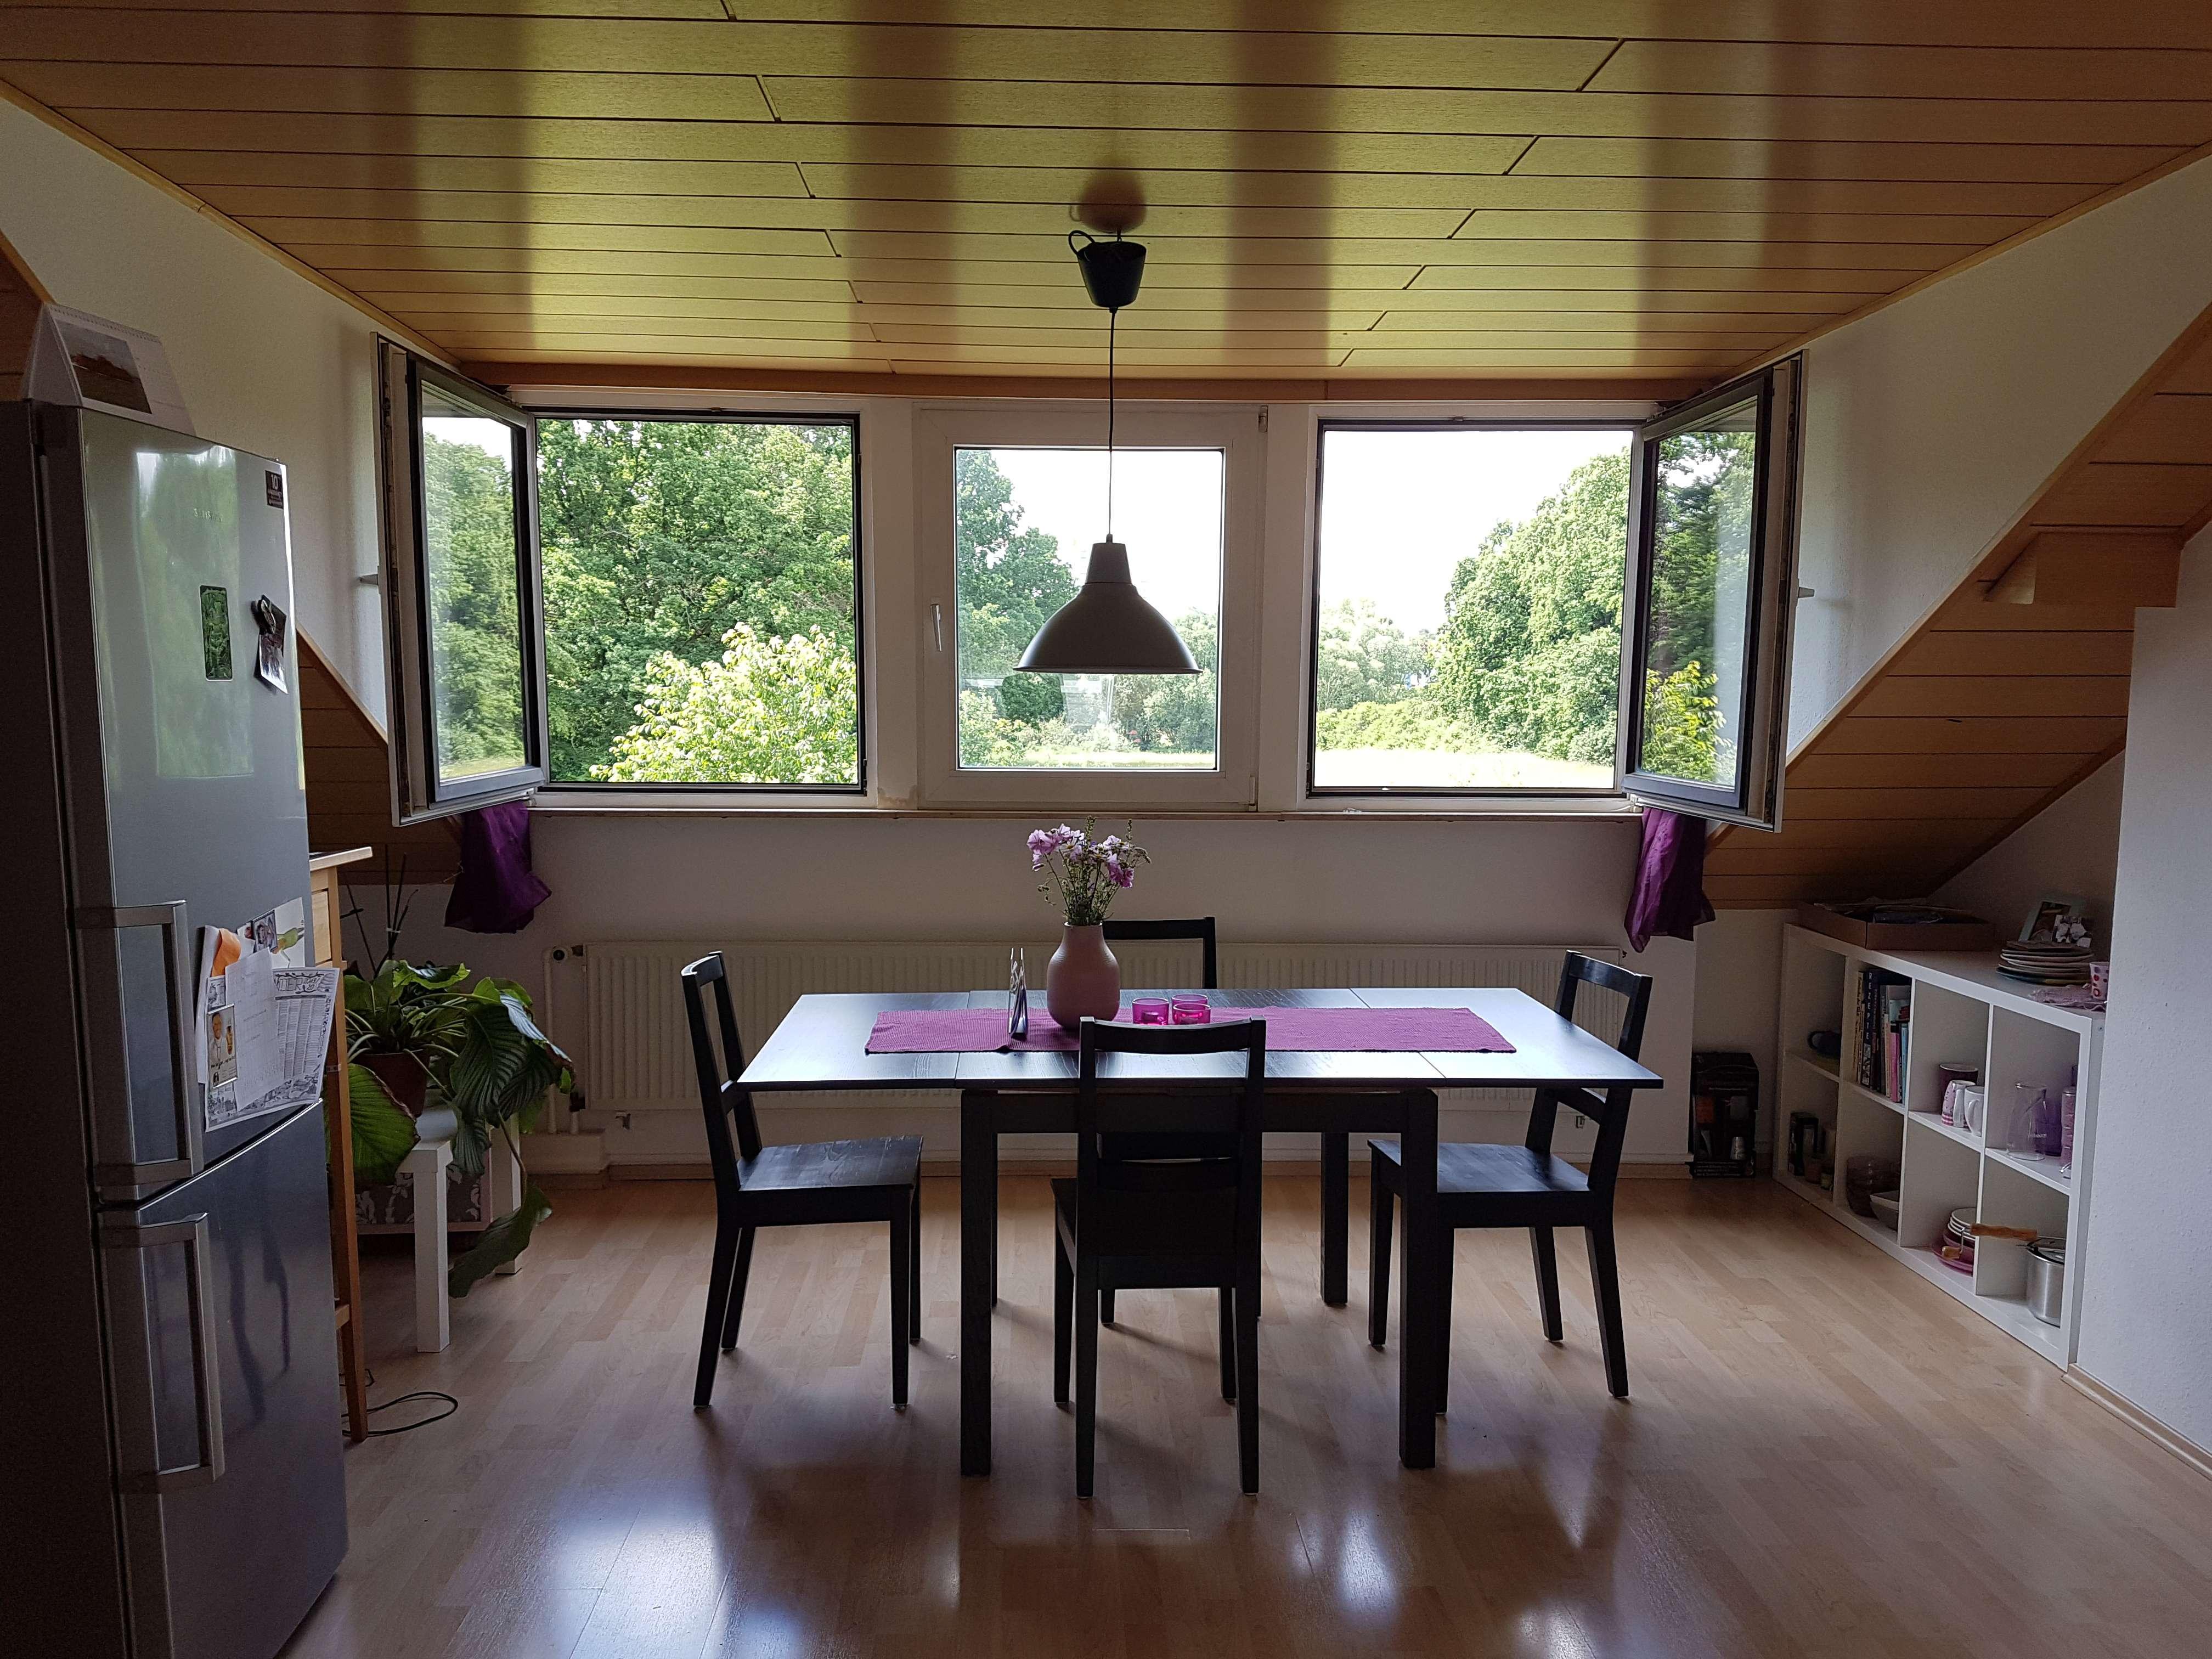 3-Zimmer Wohnung inkl. Einbauküche in Toplage von Erlangen in